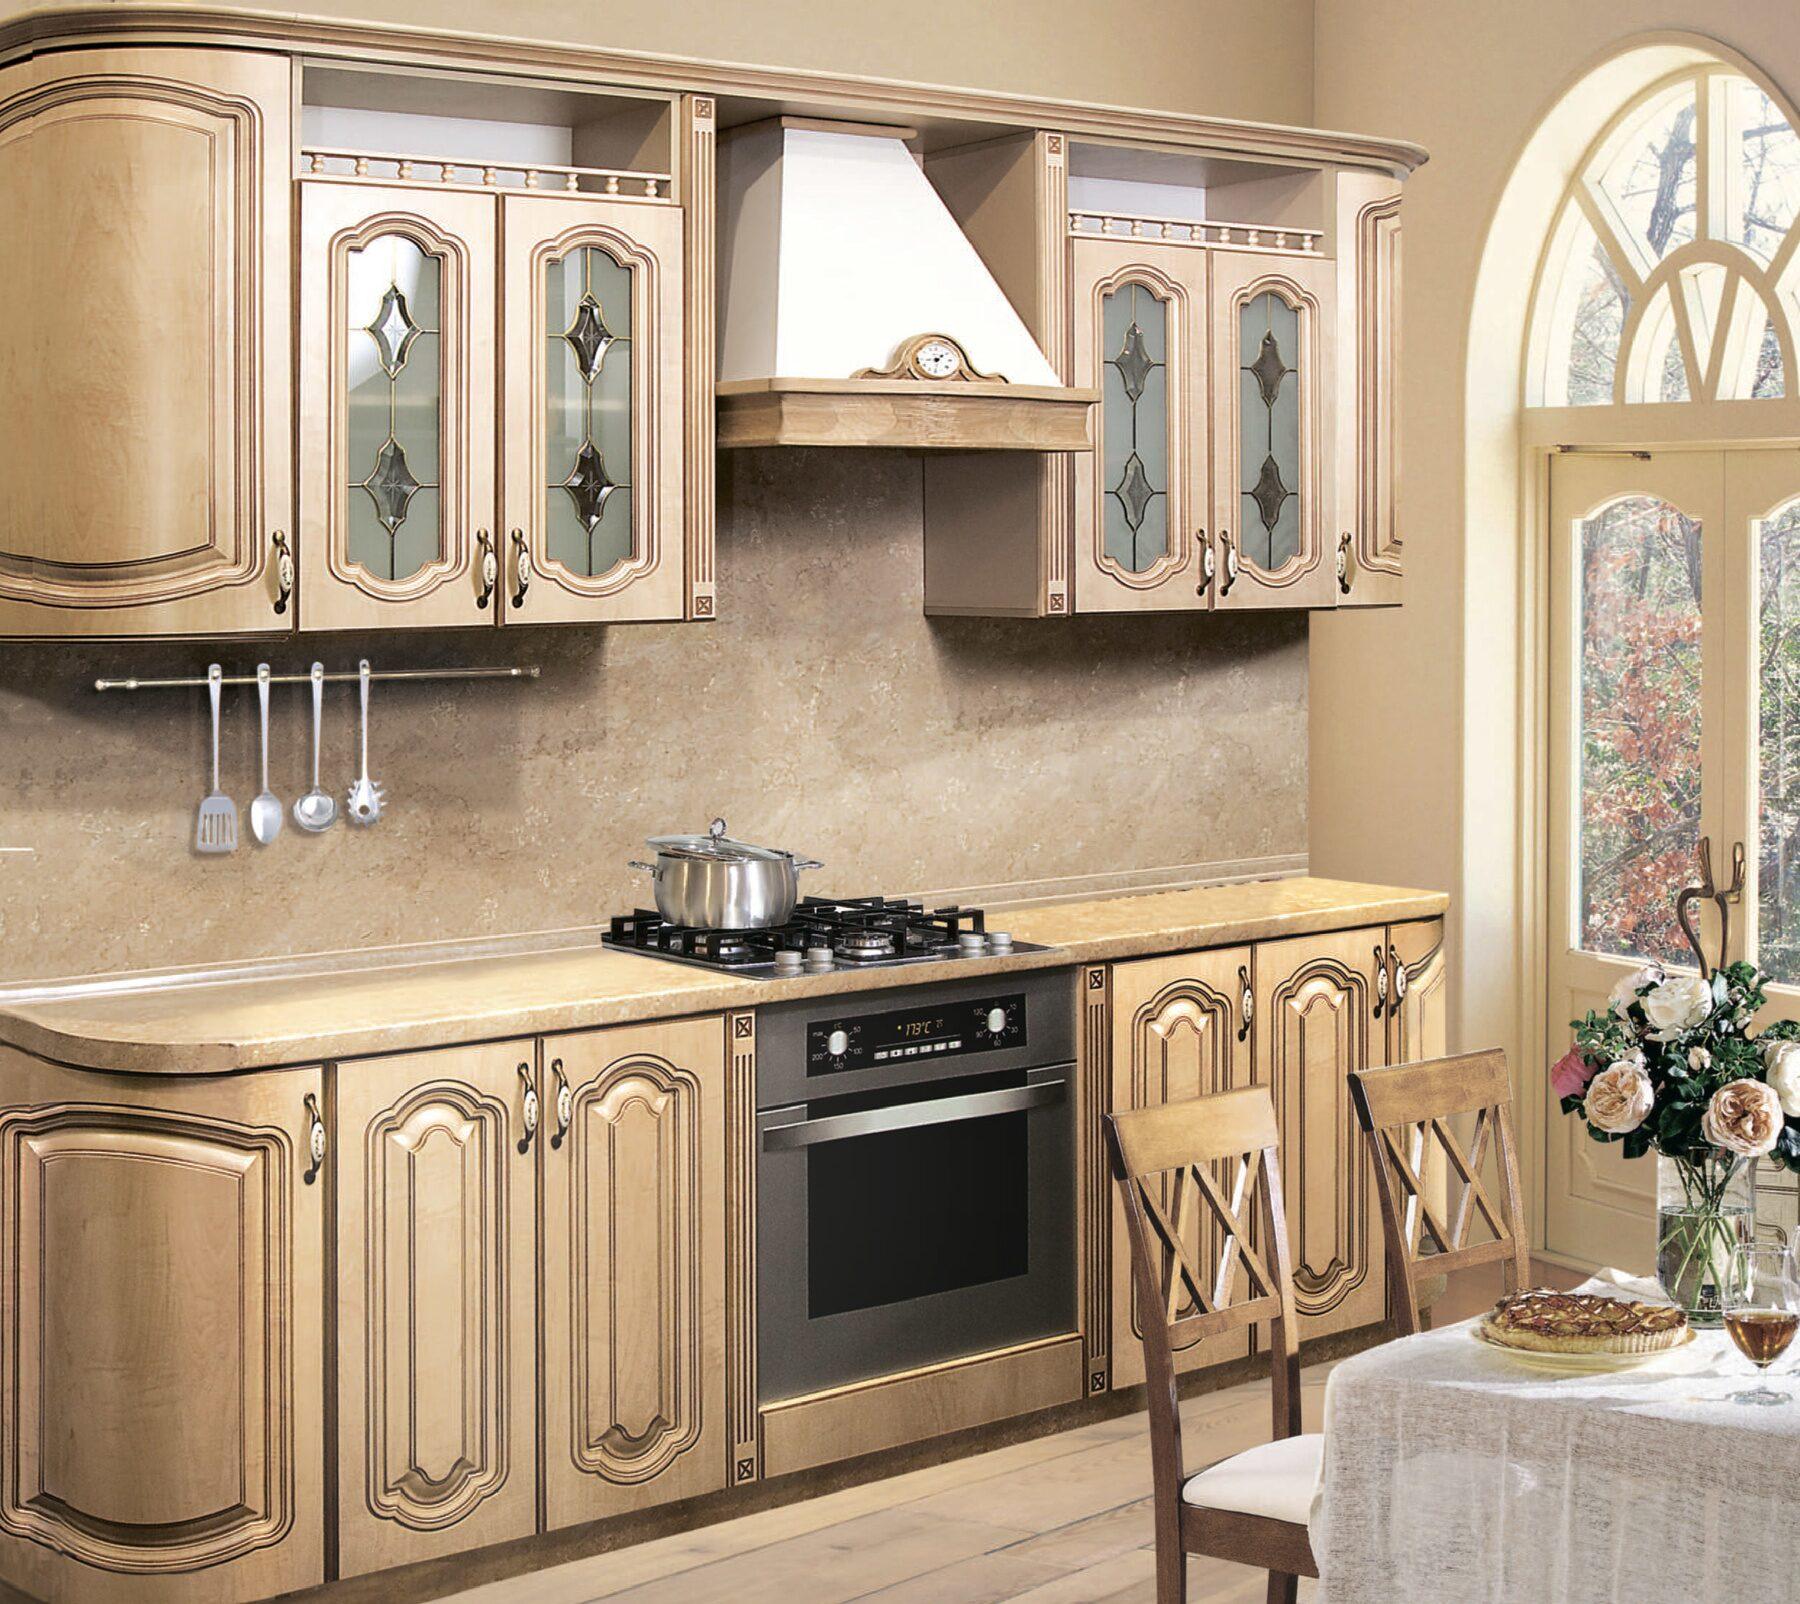 купить кухонный гарнитур в волгограде